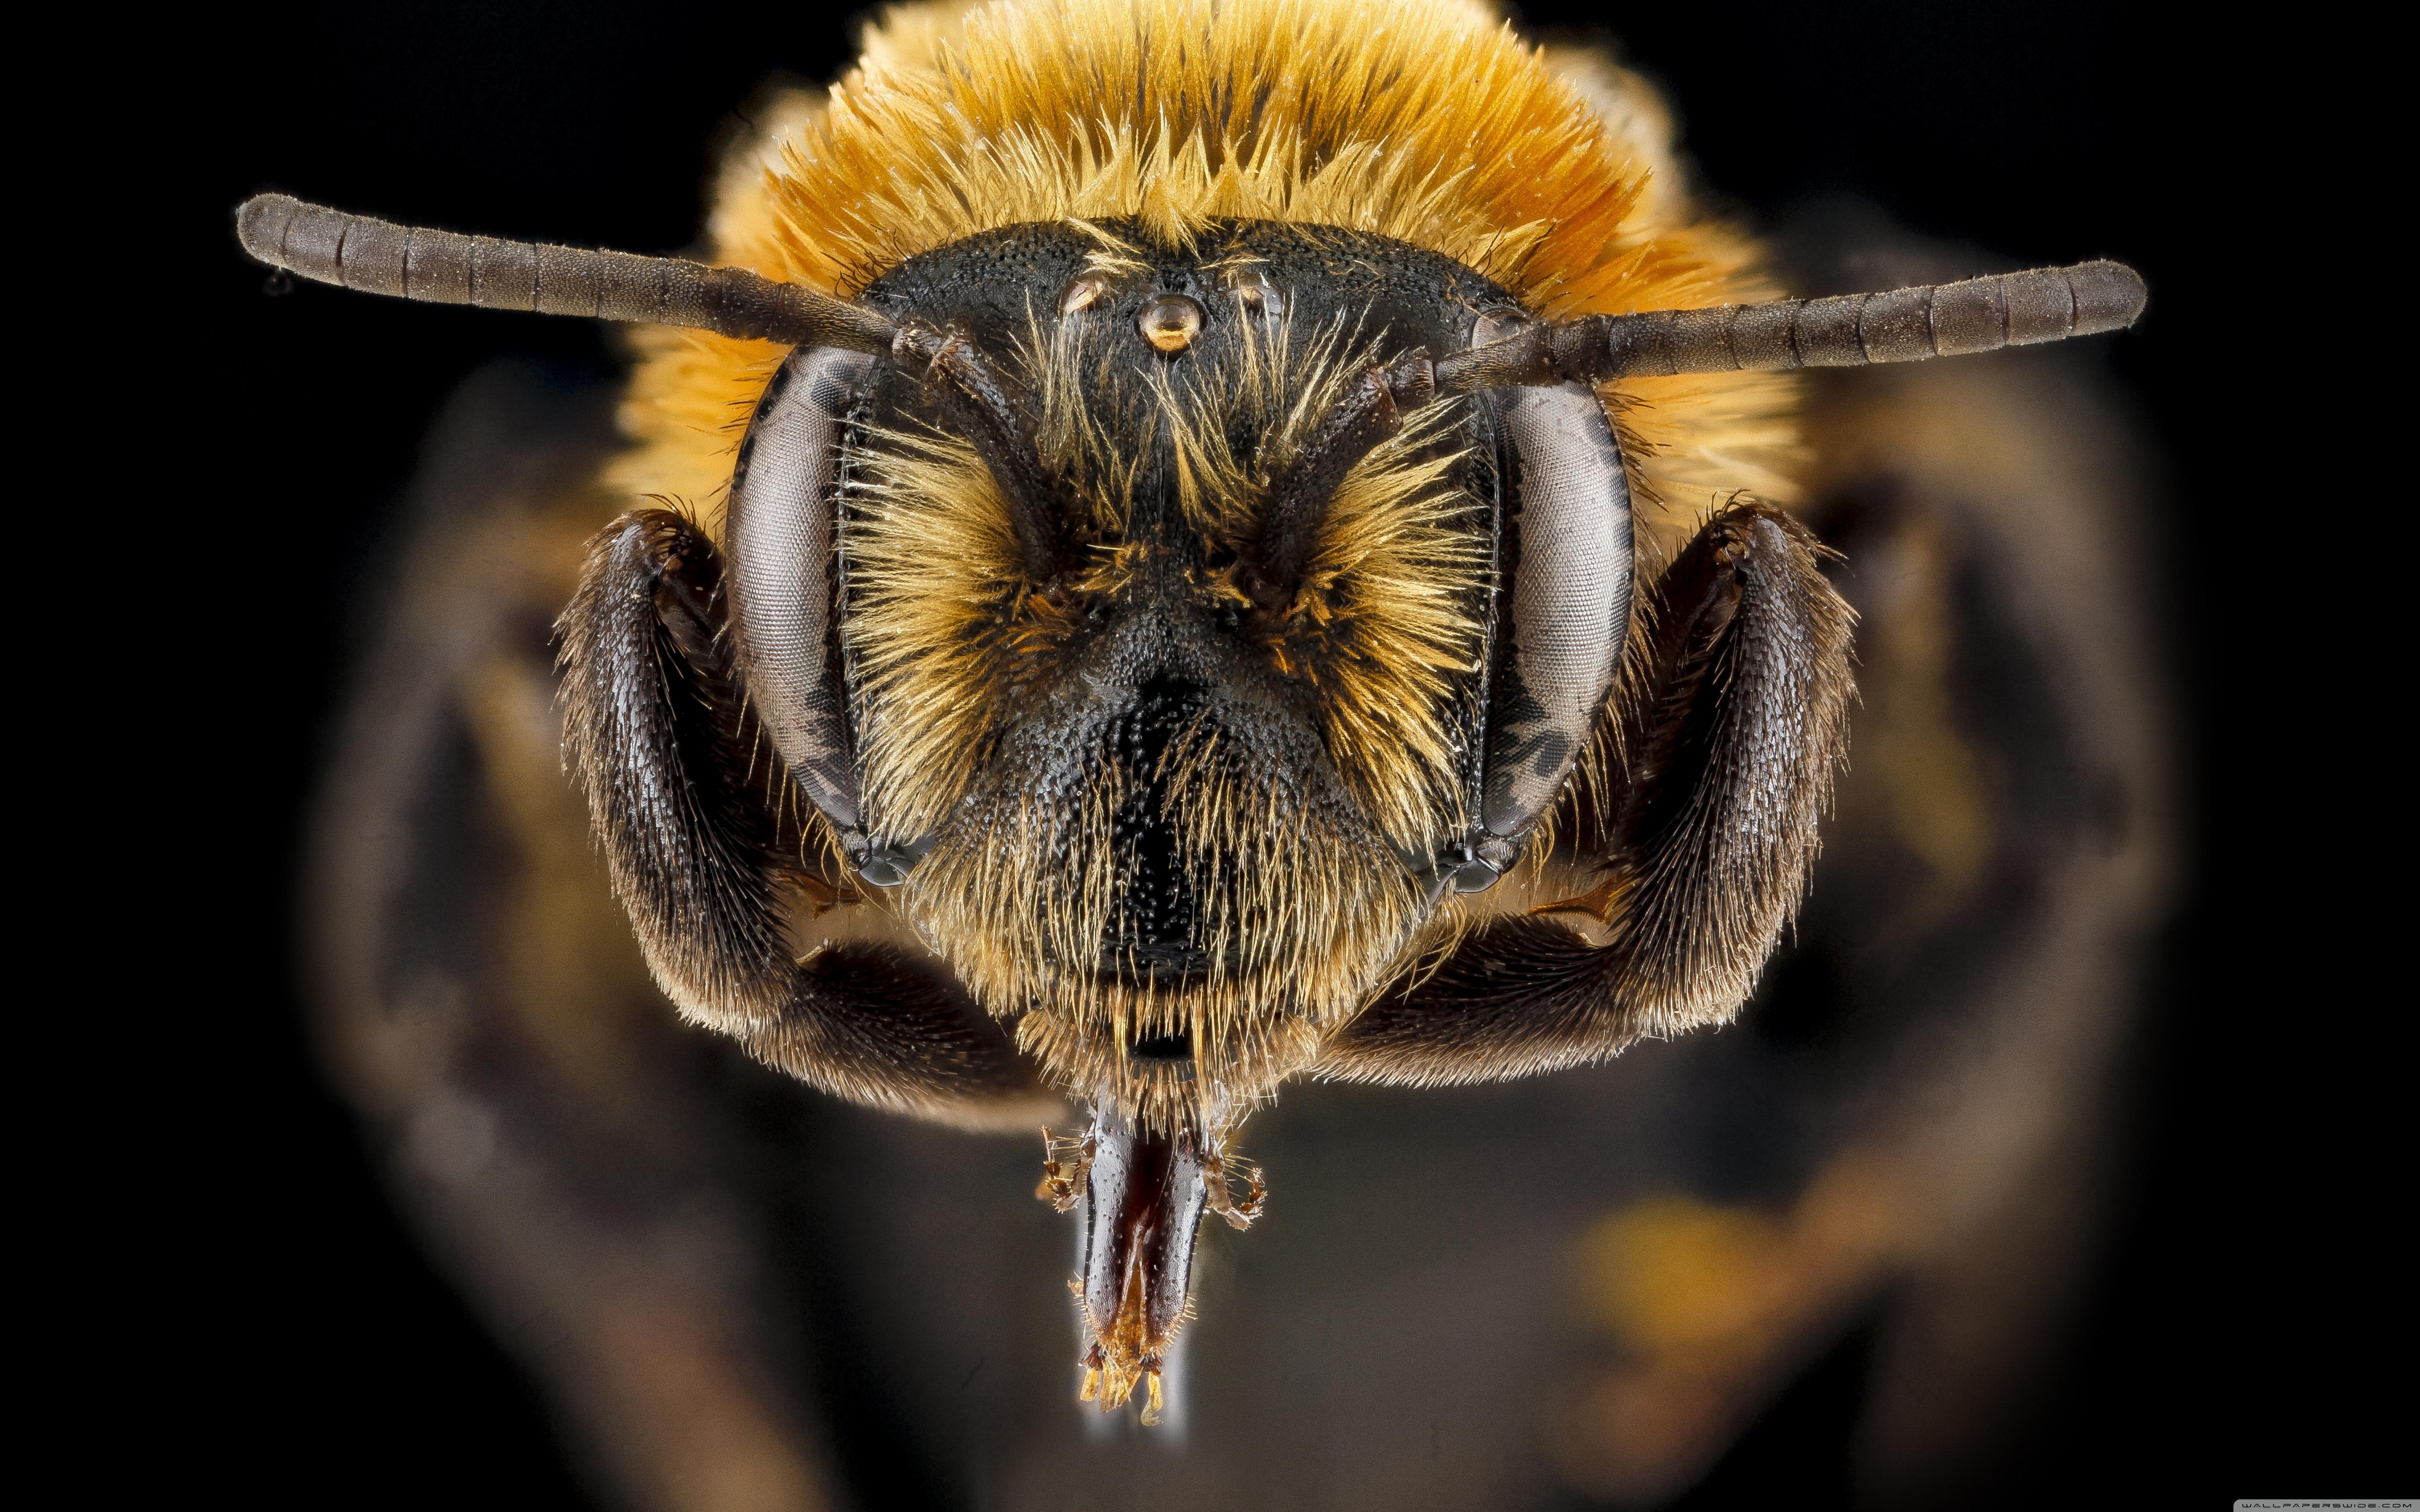 Bee Computer Wallpapers, Desktop Backgrounds